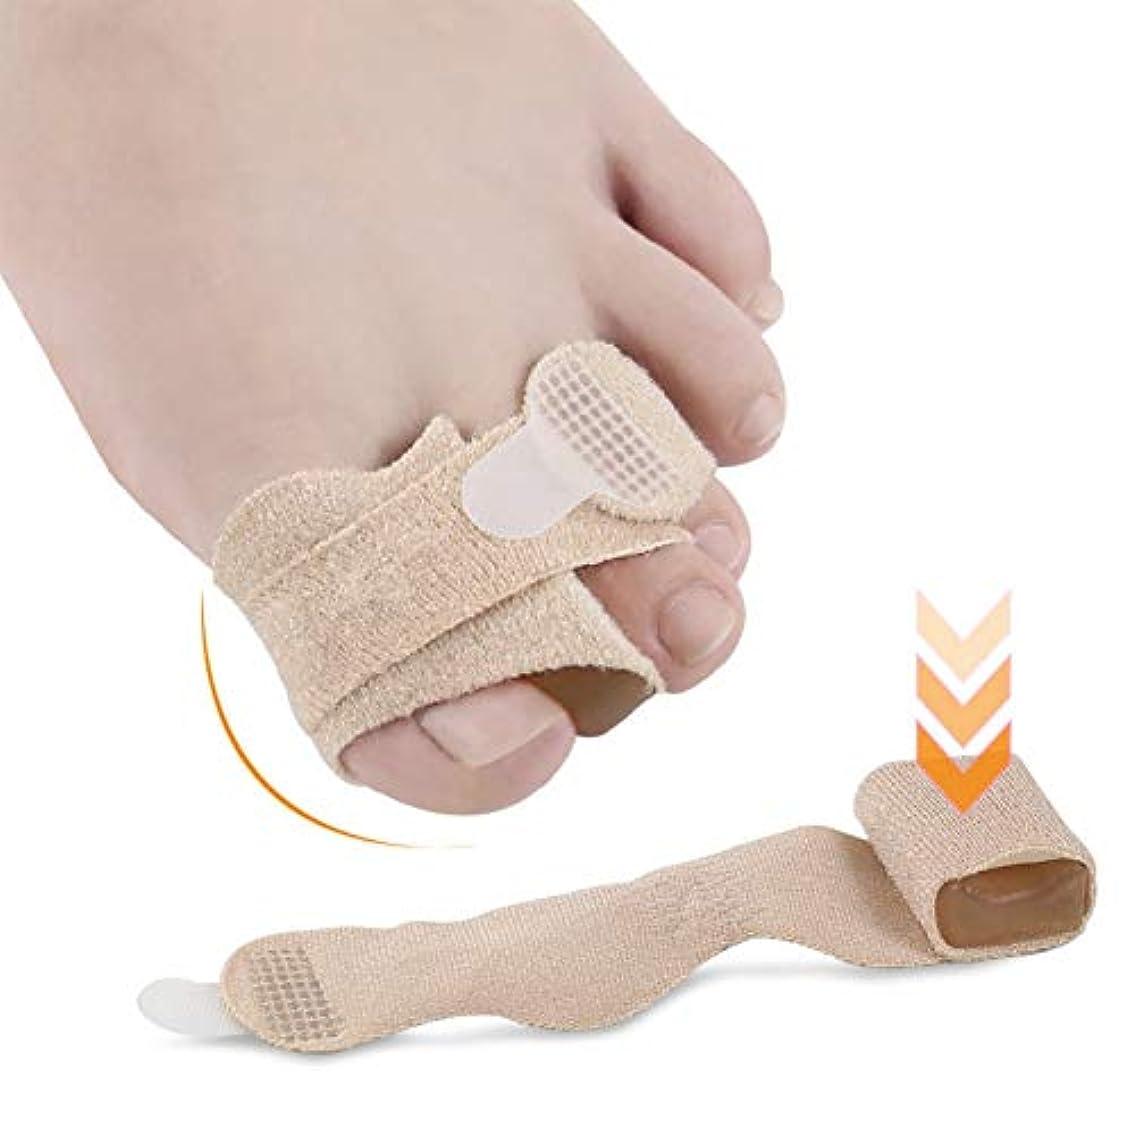 野心的ボルトエジプト人KISSION 親指外反矯正 大骨矯正ベルト つま先セパレーター つま先外反装具 つま先矯正つま先セパレーター つま先の痛みを和らげる